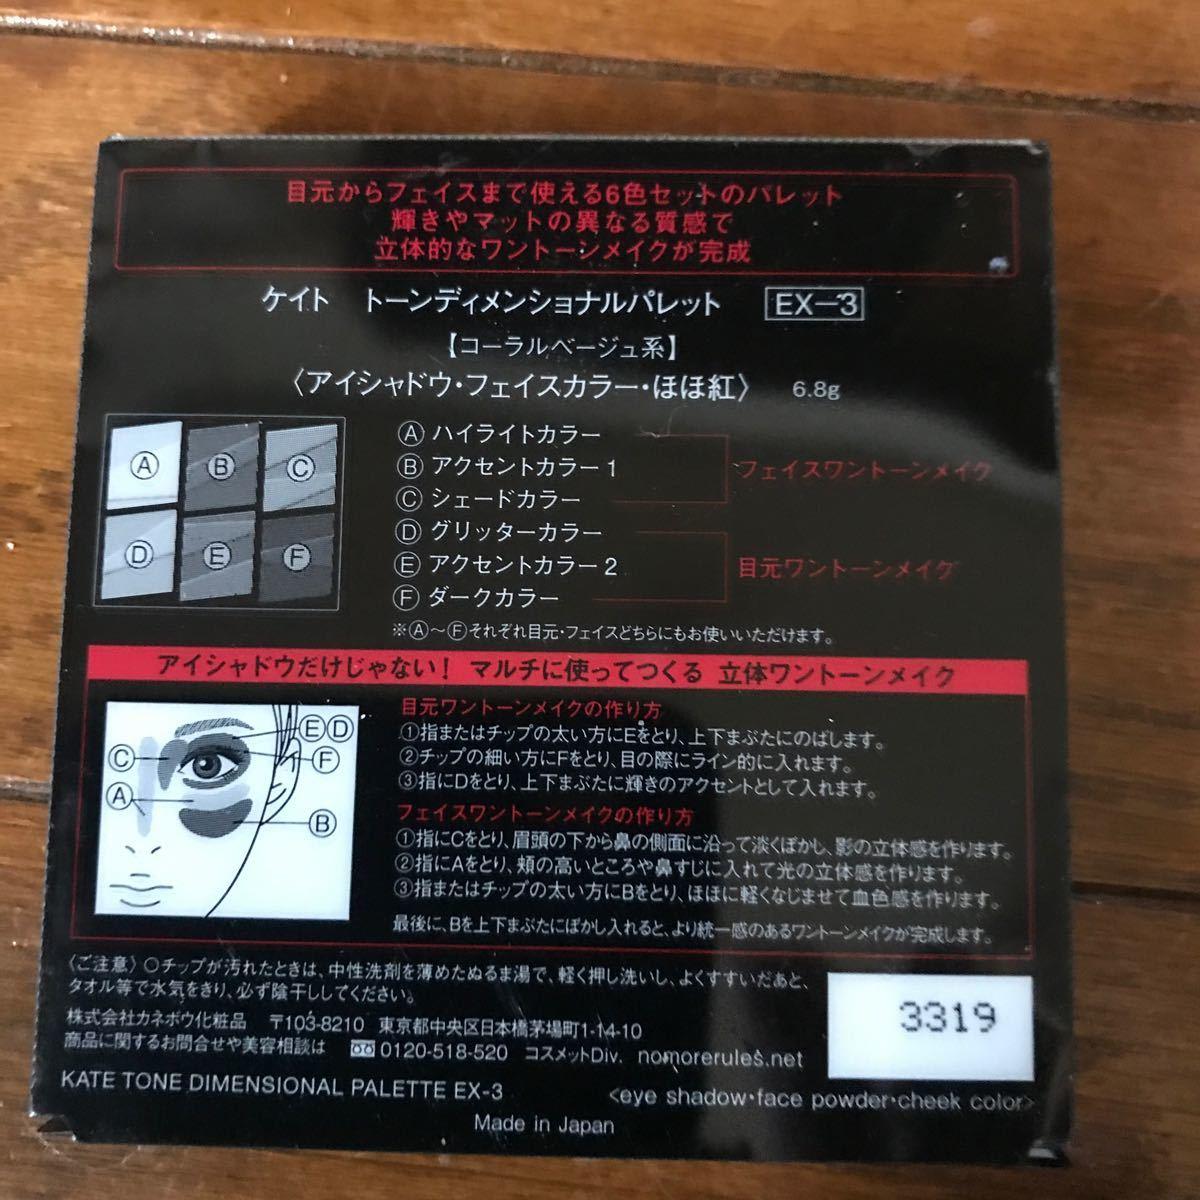 《カネボウ》 KATE ケイト トーンディメンショナルパレット EX-3 コーラルベージュ系 6.8g